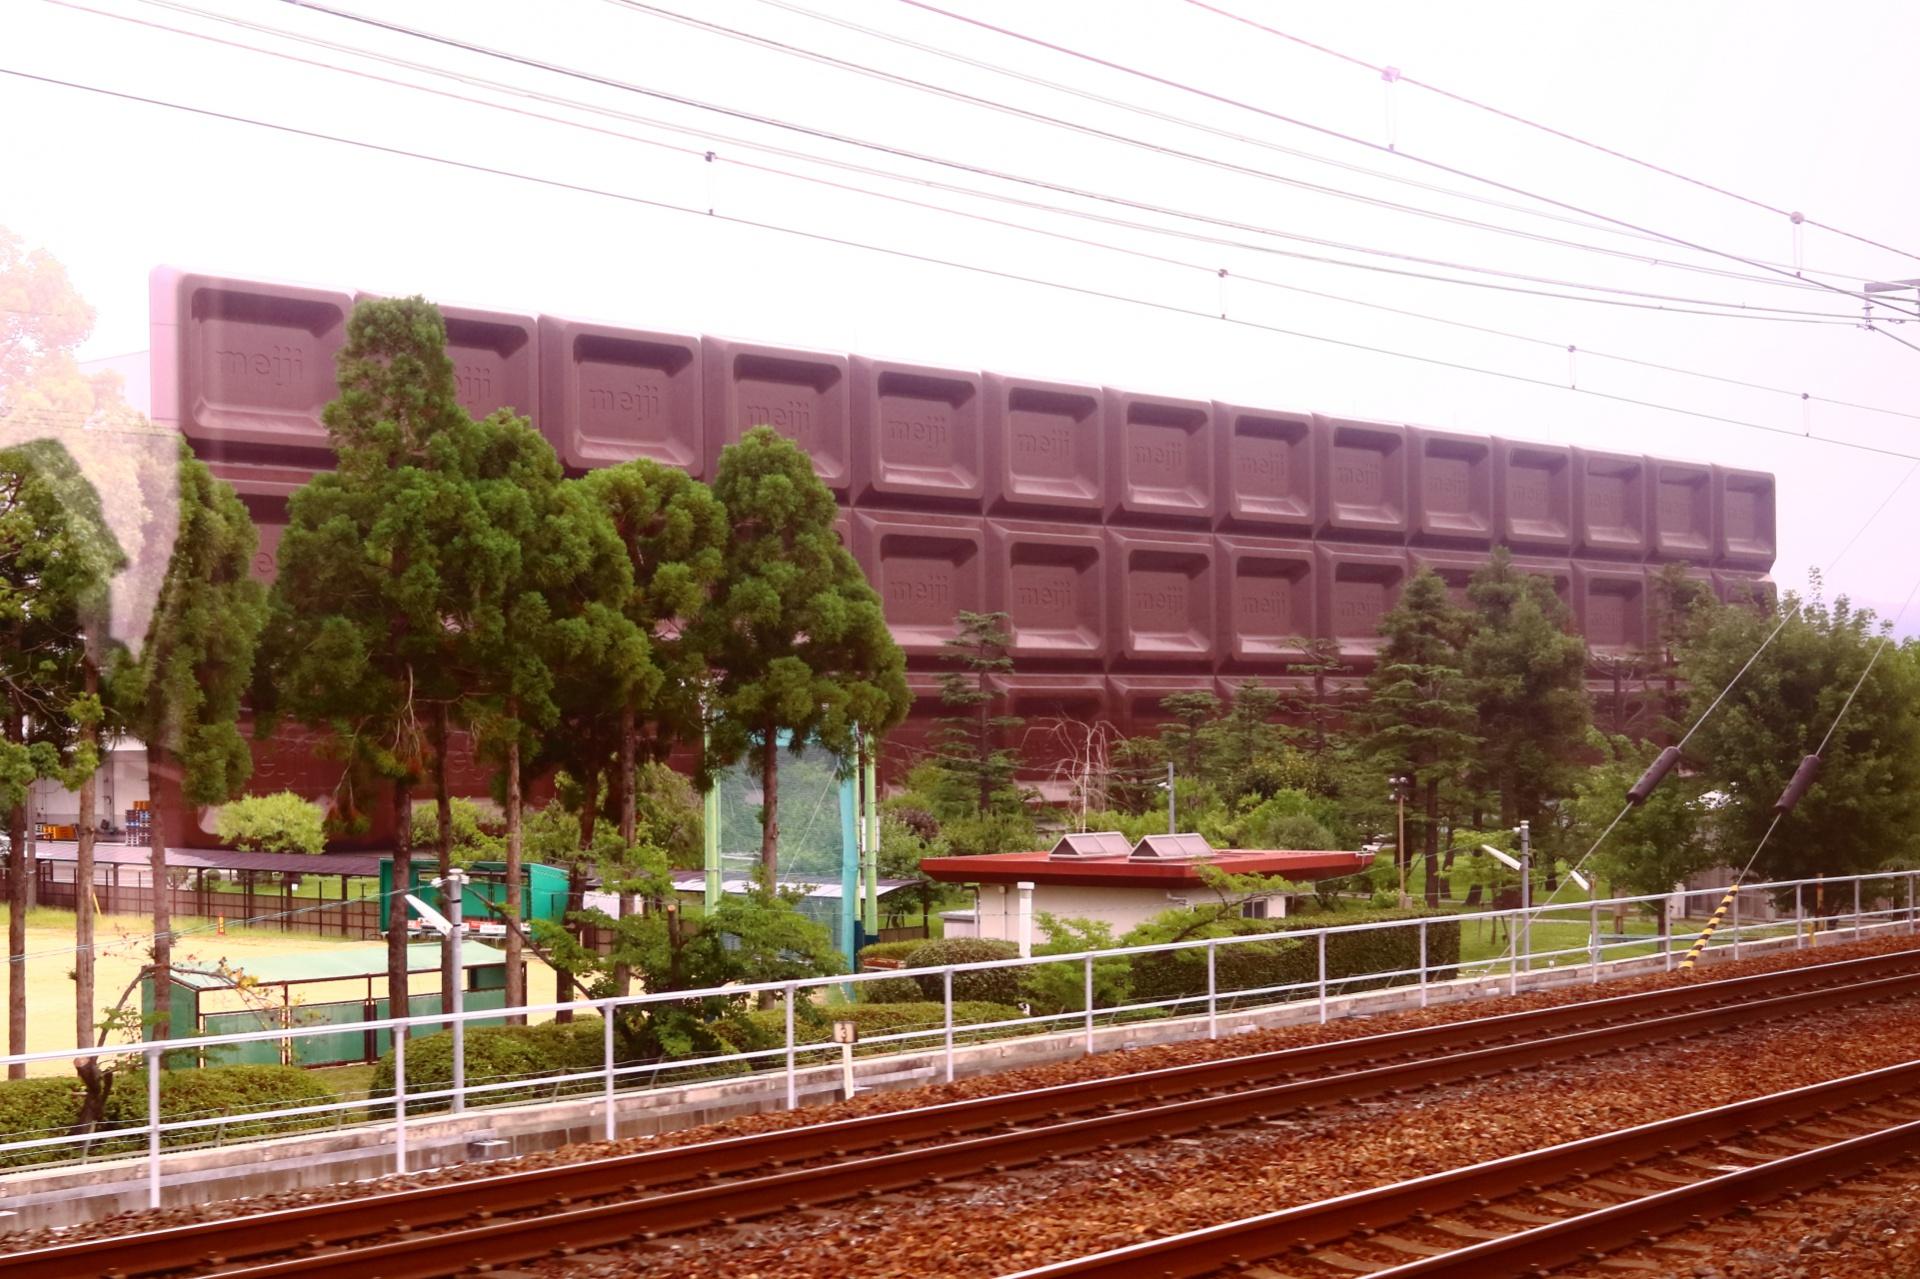 明治なるほどファクトリー大阪(大阪府高槻市)チョコレート工場の看板